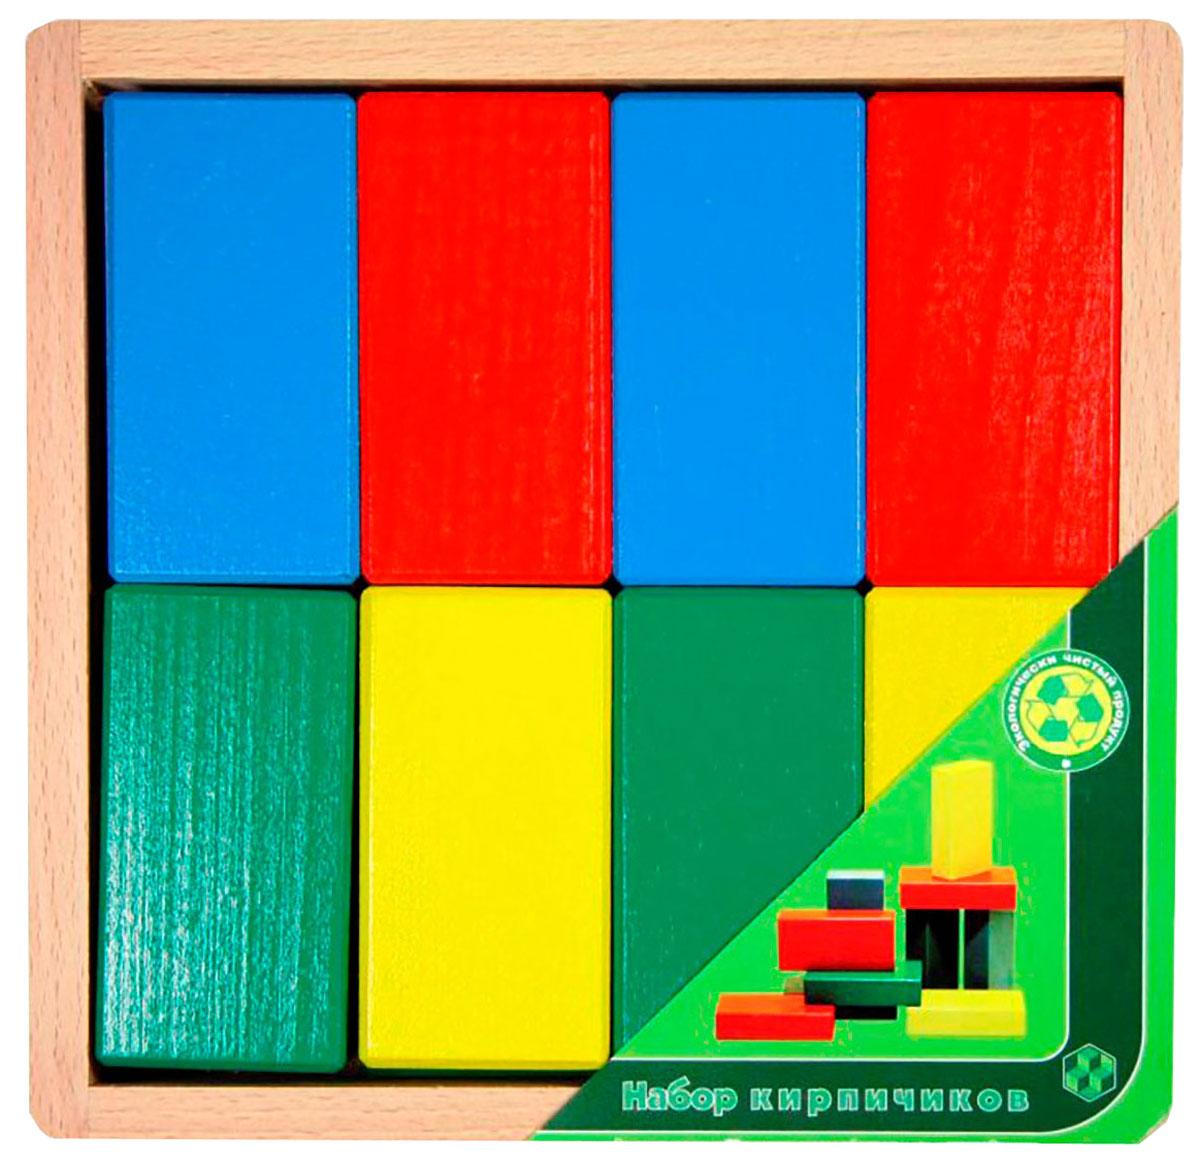 Престиж-Игрушка Кубики Кирпичики КРЦ2201КРЦ2201Поистине простые, и в то же время увлекательные Кирпичики станут любимой игрушкой для самых маленьких. С раннего детства необходимо развивать у малыша мелкую моторику пальцев ручек, воображение, логическое мышление. Из деревянных деталей кроха сможет построить незамысловатые конструкции и постройки. С кирпичиками интересно изучать цвета, сортируя их по разным кучкам или подбирая к каждому кубику игрушку соответствующего цвета. Пускай красная машинка заезжает в красный гараж, а лягушка поселится в зеленом домике.